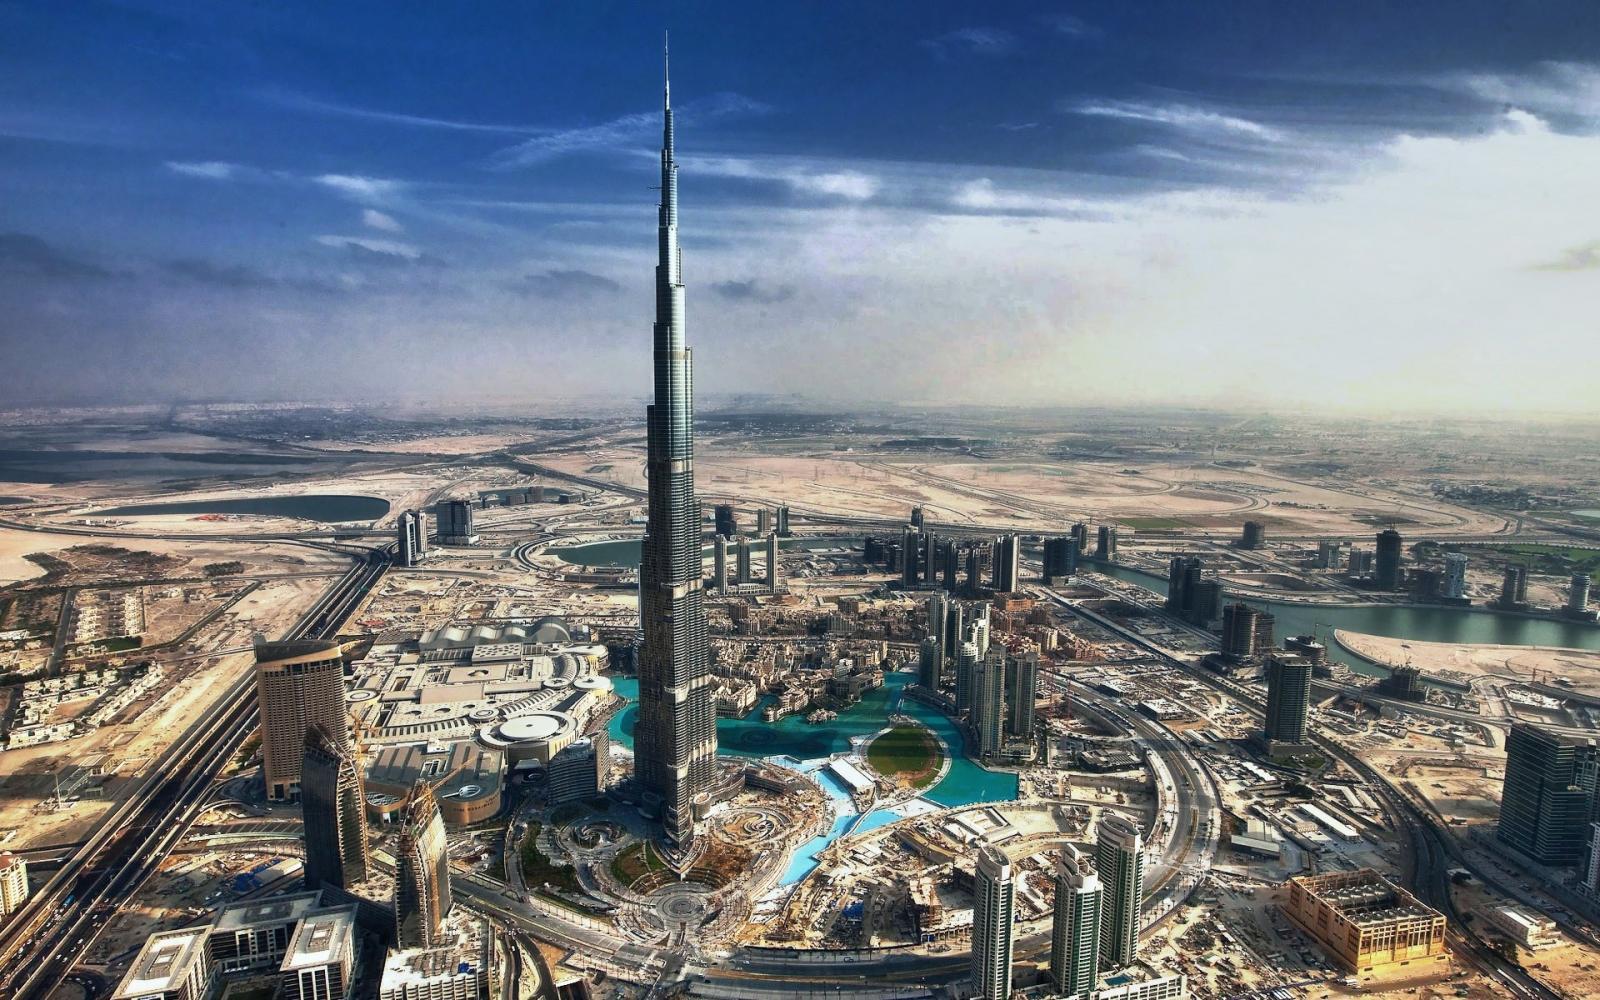 Ven y conoce el increible Burj Khalifa junto a tu familia